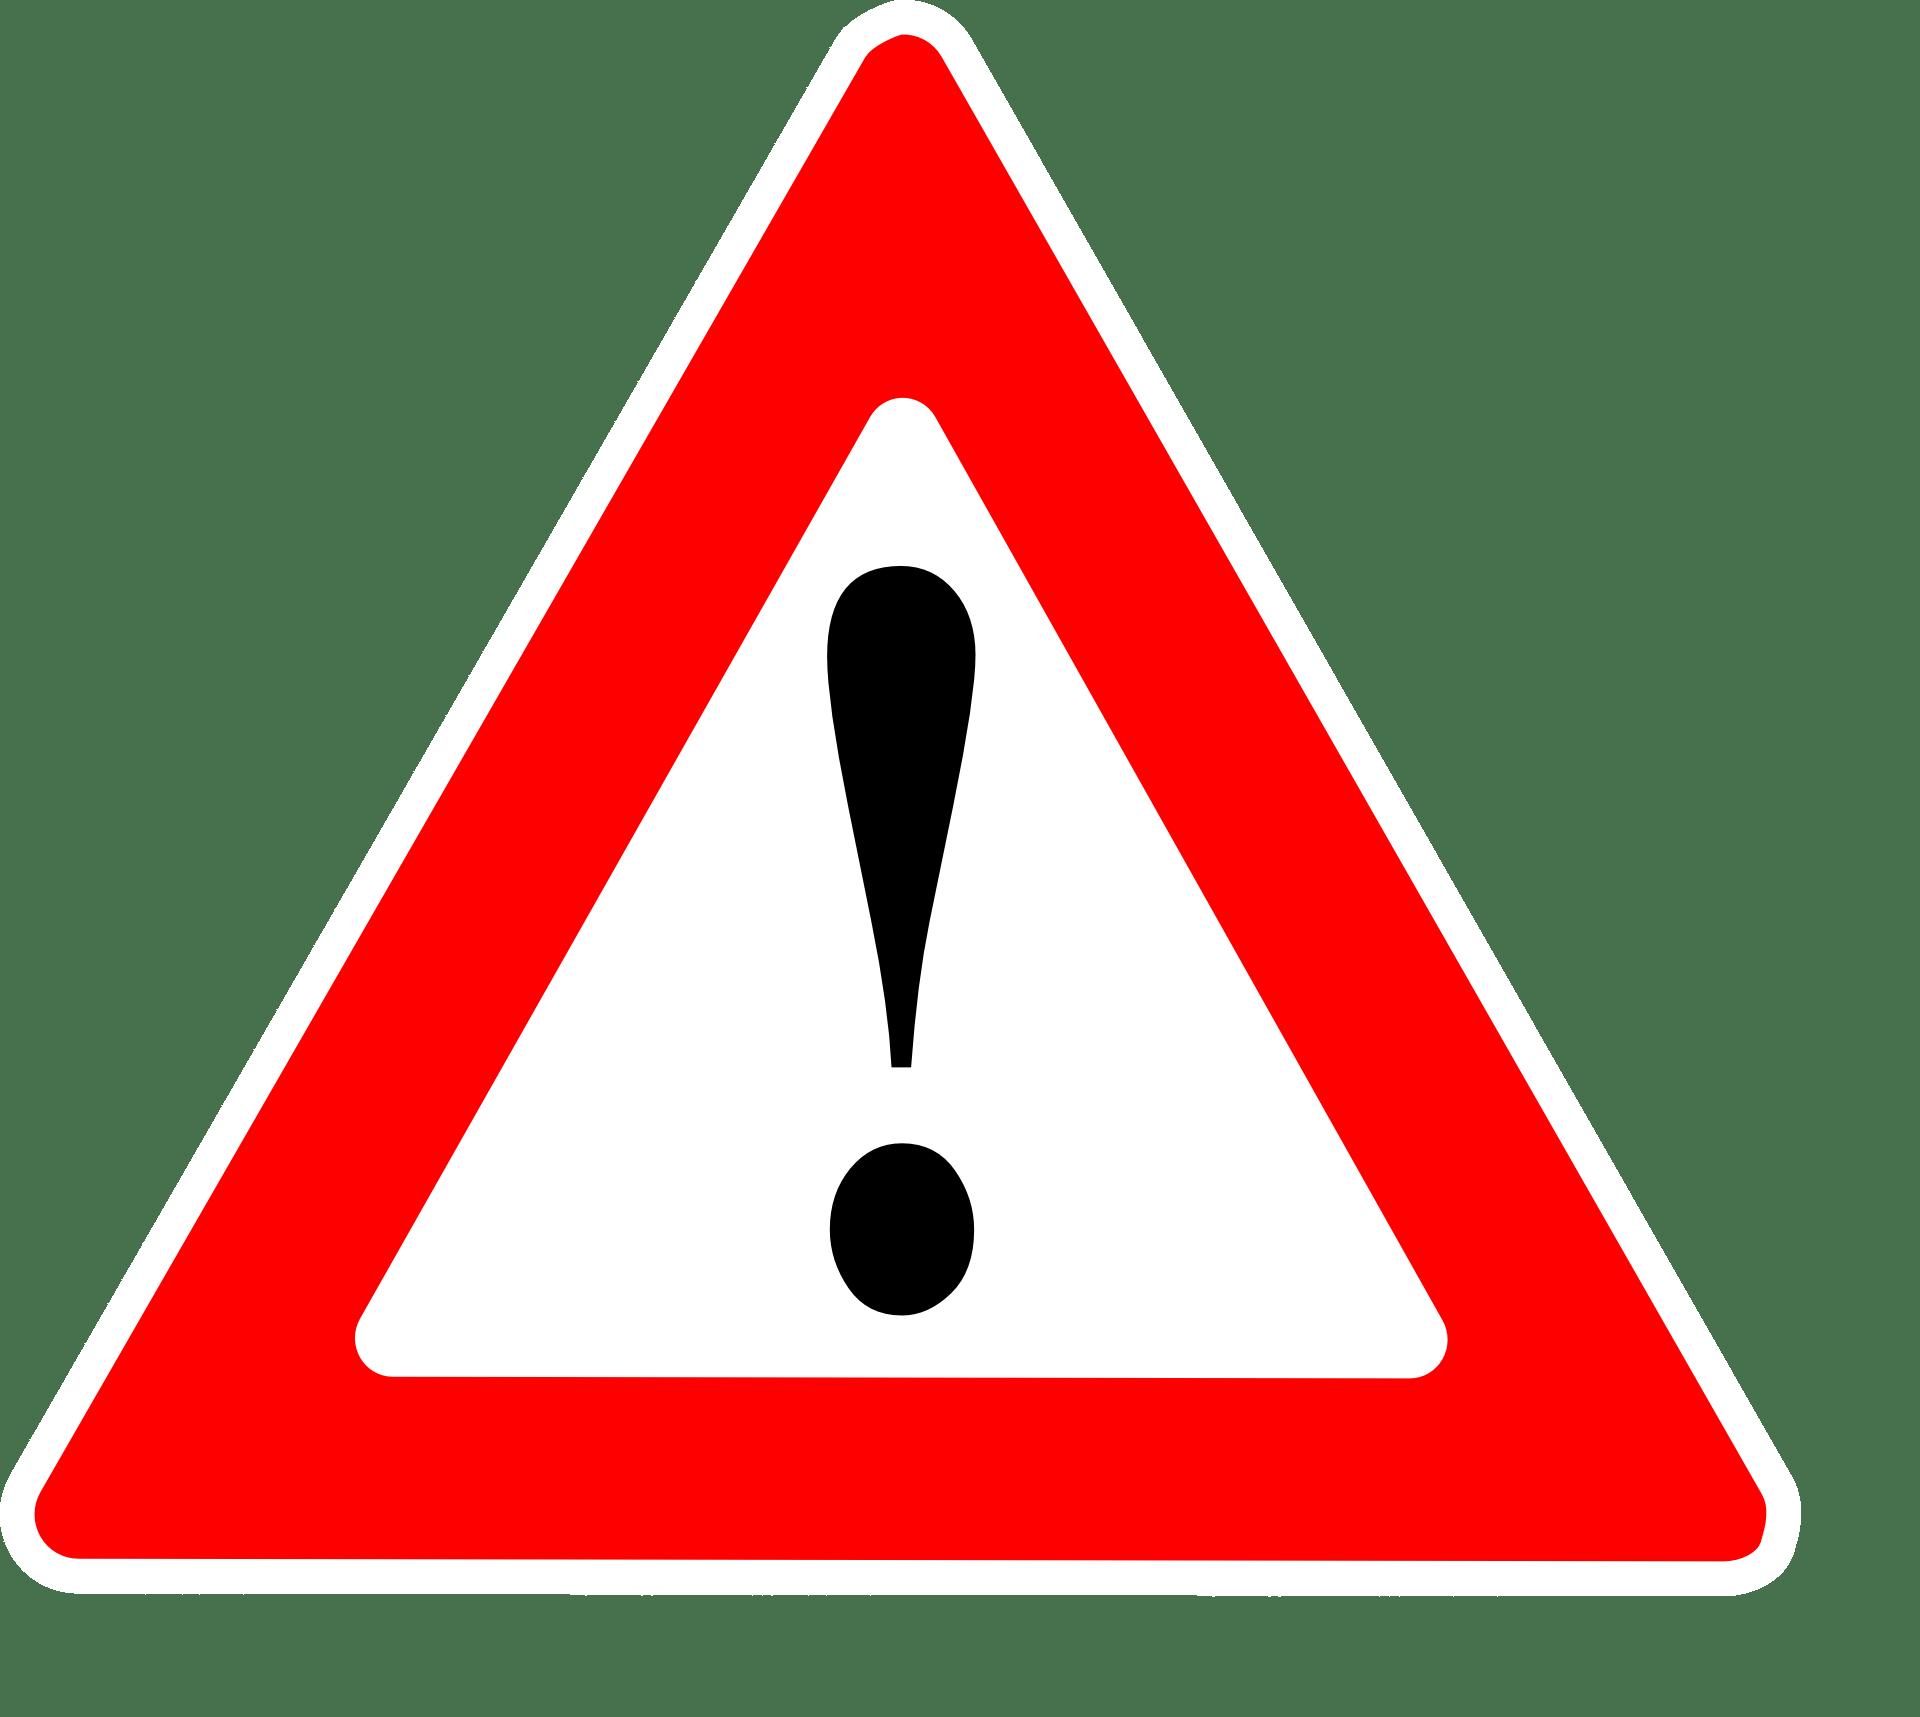 Warnschild (rotes Dreieck) mit Ausrufezeichen als Symbol für die Wichtigkeit der Kontraindikationen (Gegenanzeigen) gegen Hypnose